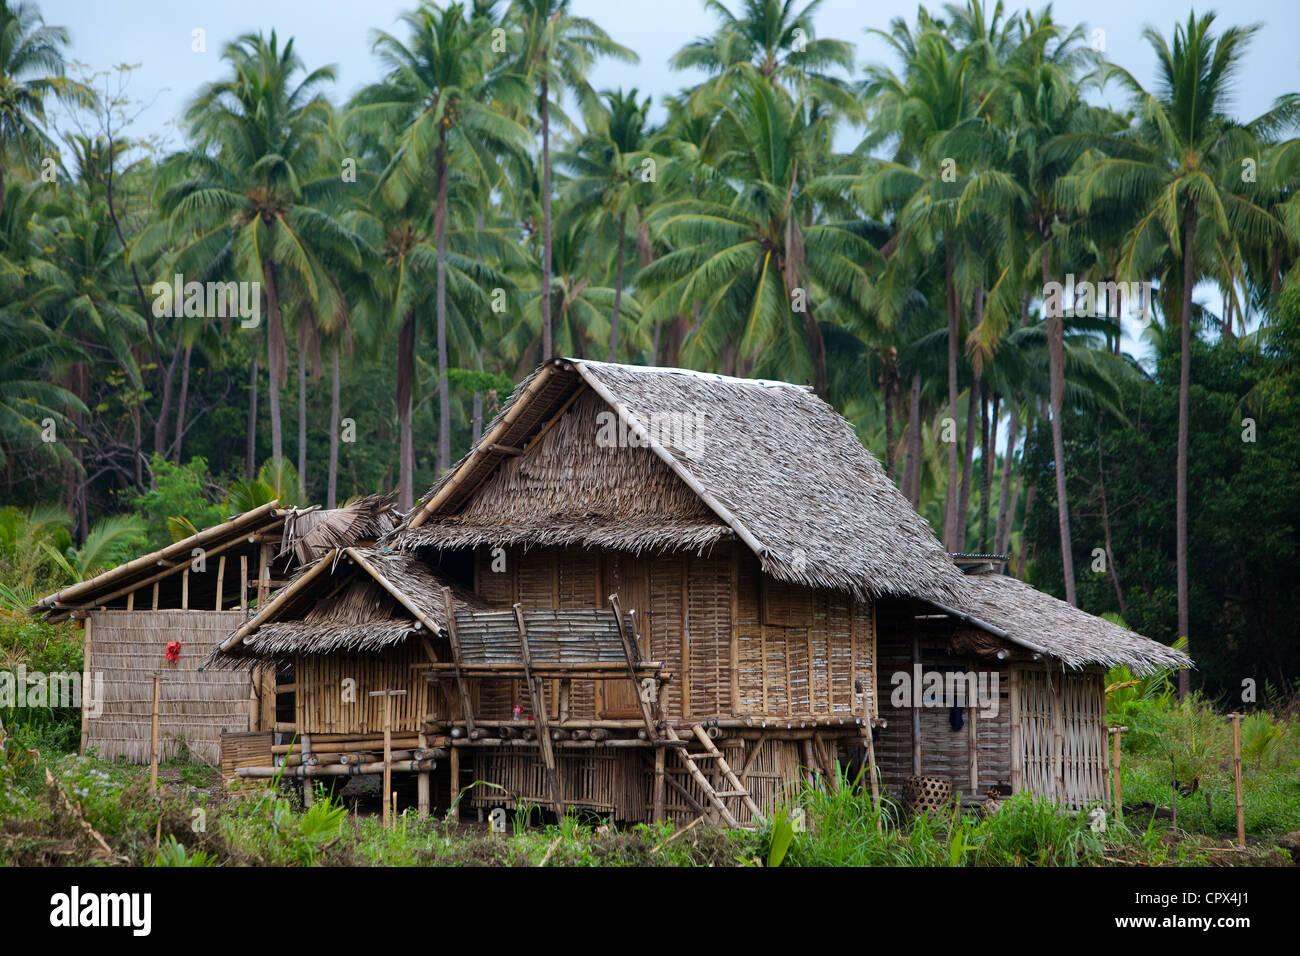 ein typisches Haus im Wald, Negros, Philippinen Stockbild